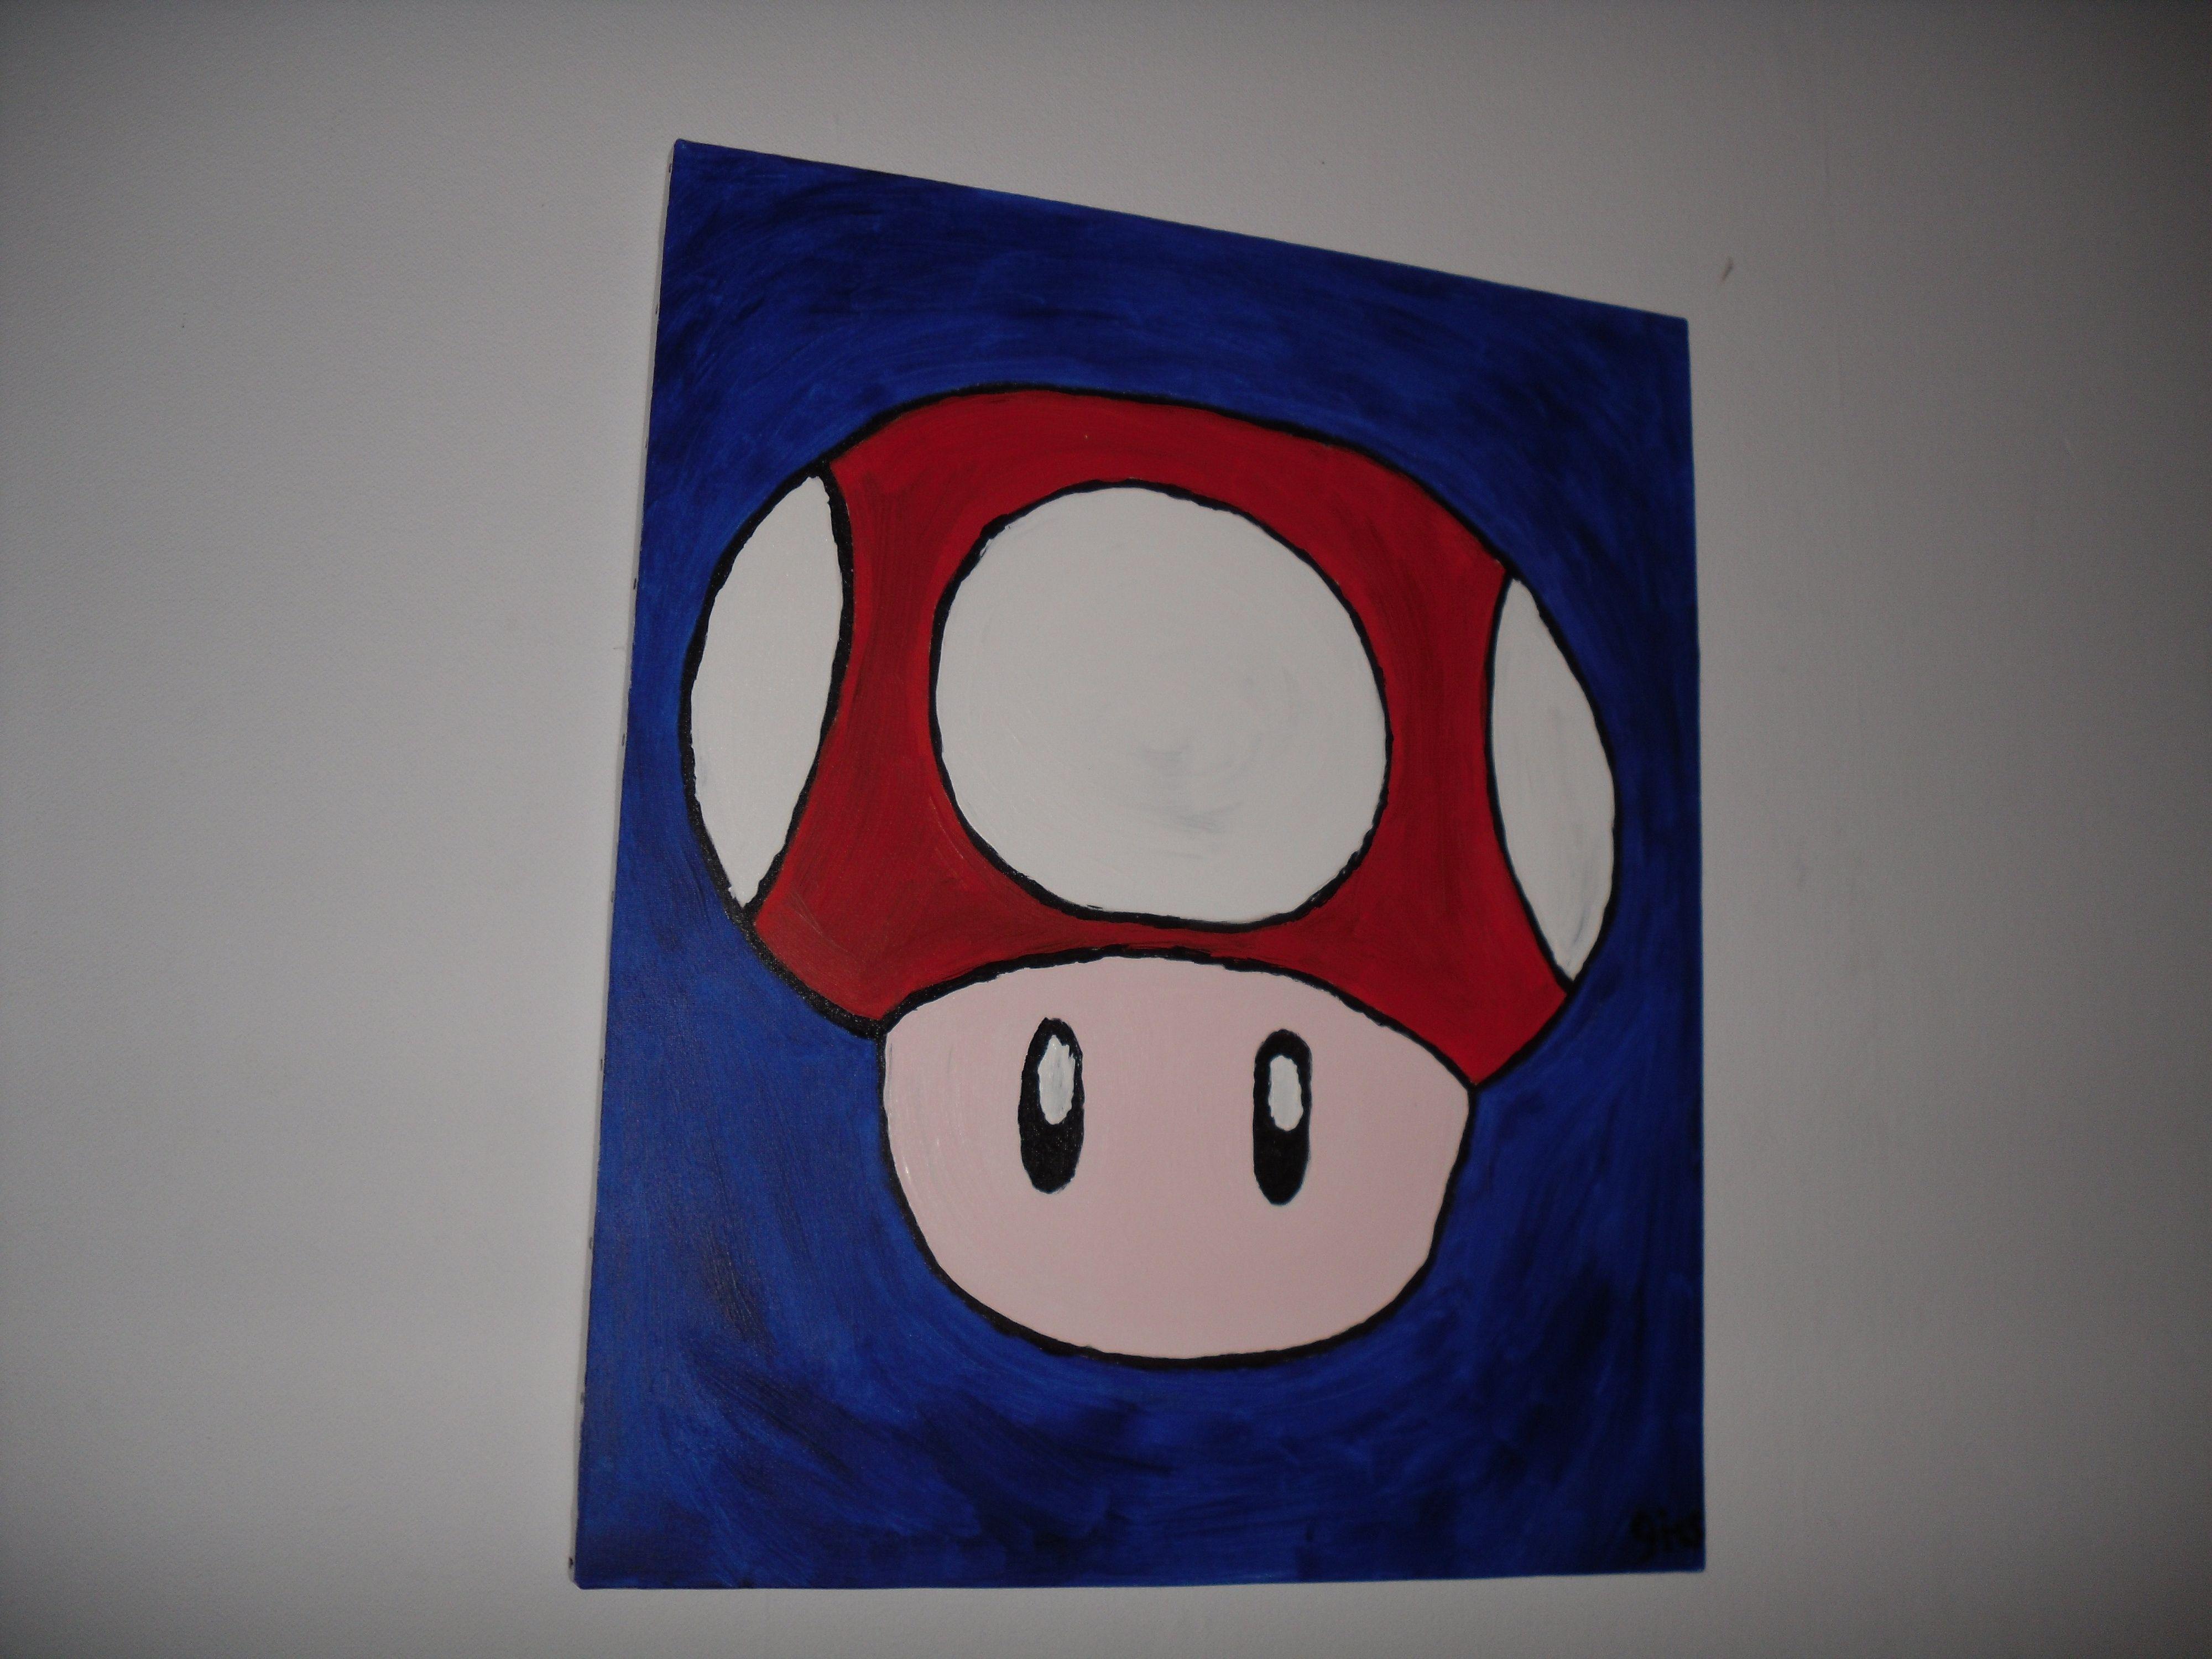 mario mushroom painting Mushroom paint, Painting, Cuddling